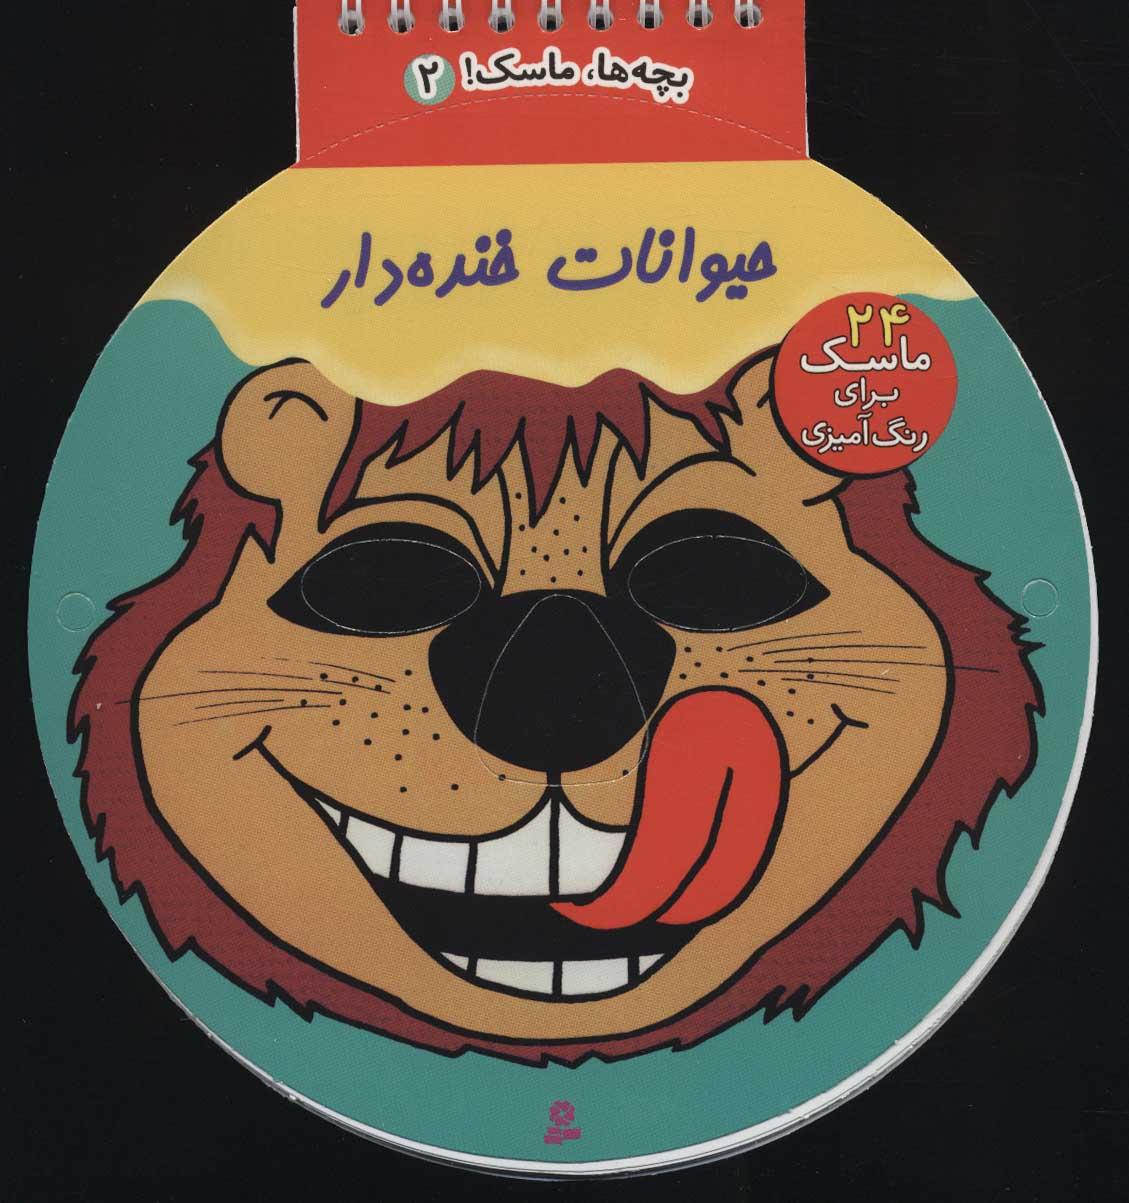 بچه ها،ماسک! 5 (حیوانات خنده دار)،(سیمی)